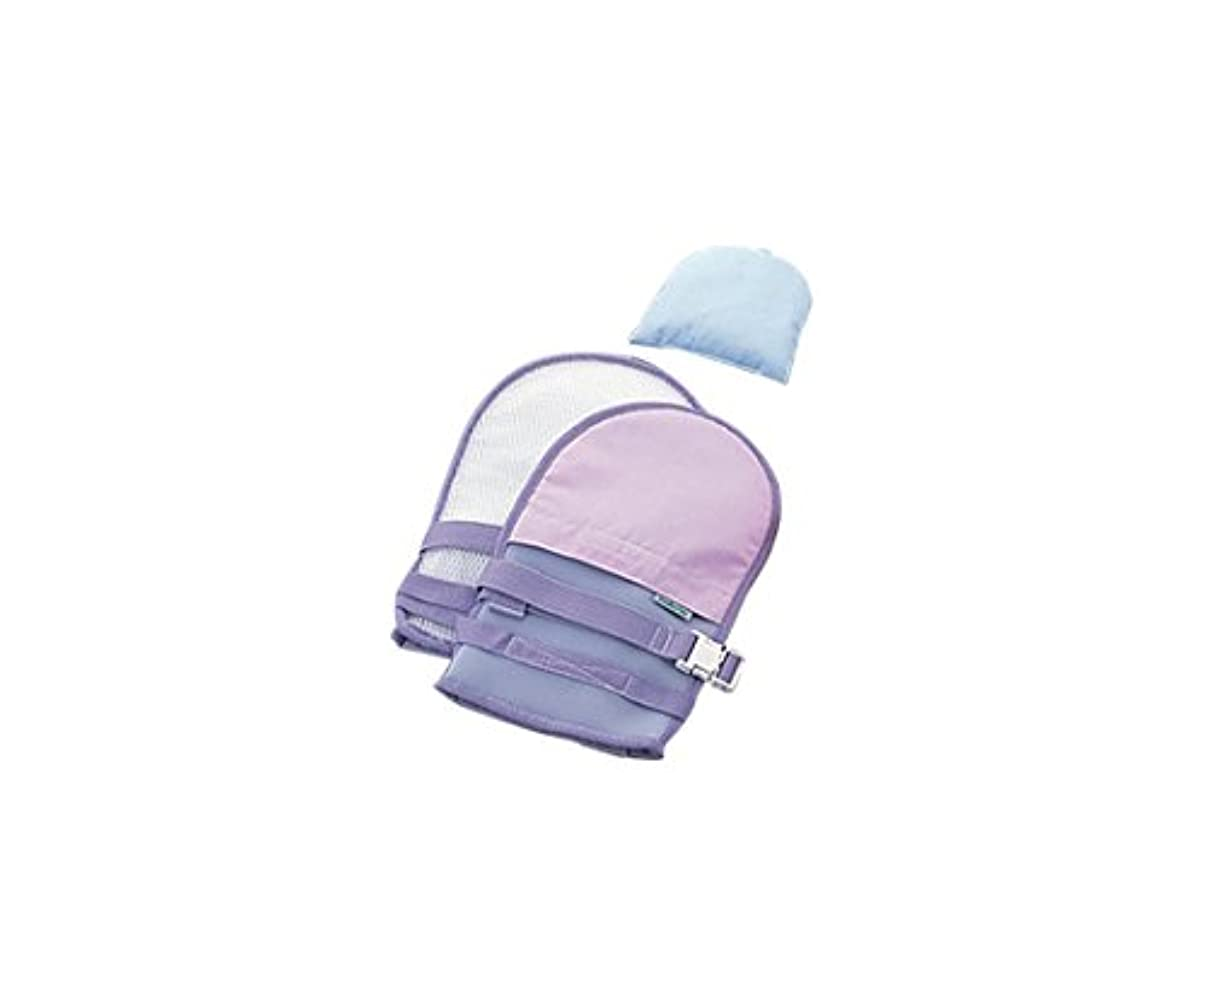 ふざけた堂々たる三番ナビス(アズワン)0-1638-33抜管防止手袋小メッシュパープル